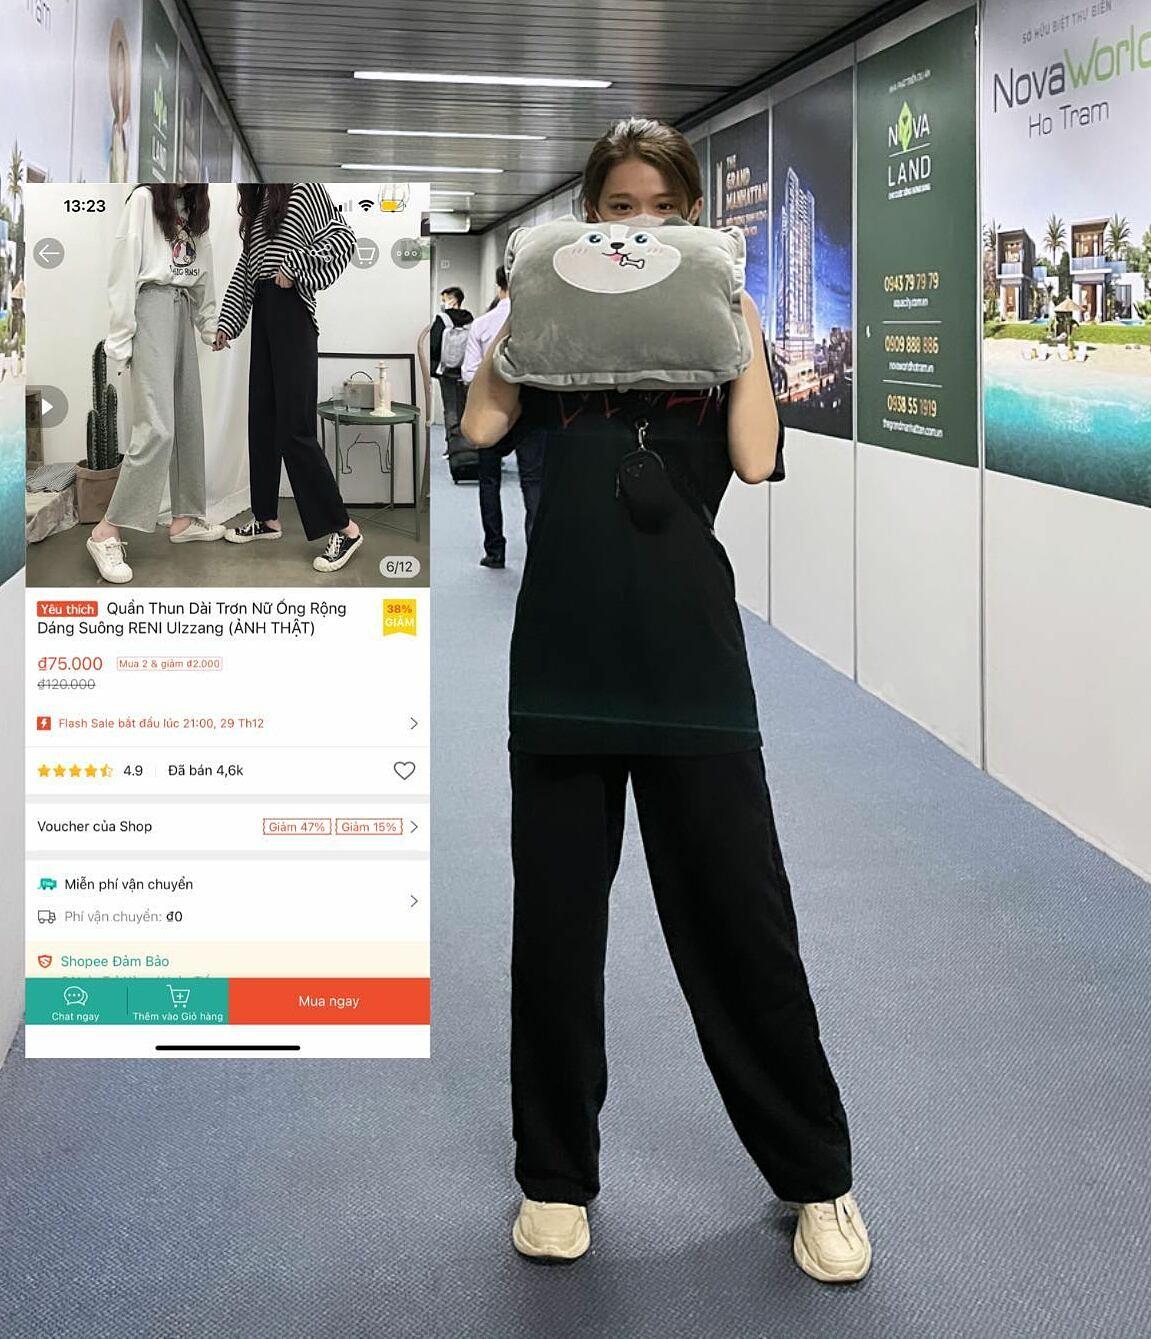 Không cần tốn quá nhiều tiền để sở hữu một chiếc quần suông đen tôn dáng, hack chân. Linh Ka tiết lộ cô nàng rất ưng ý với chiếc quần có giá vỏn vẹn 75k này.